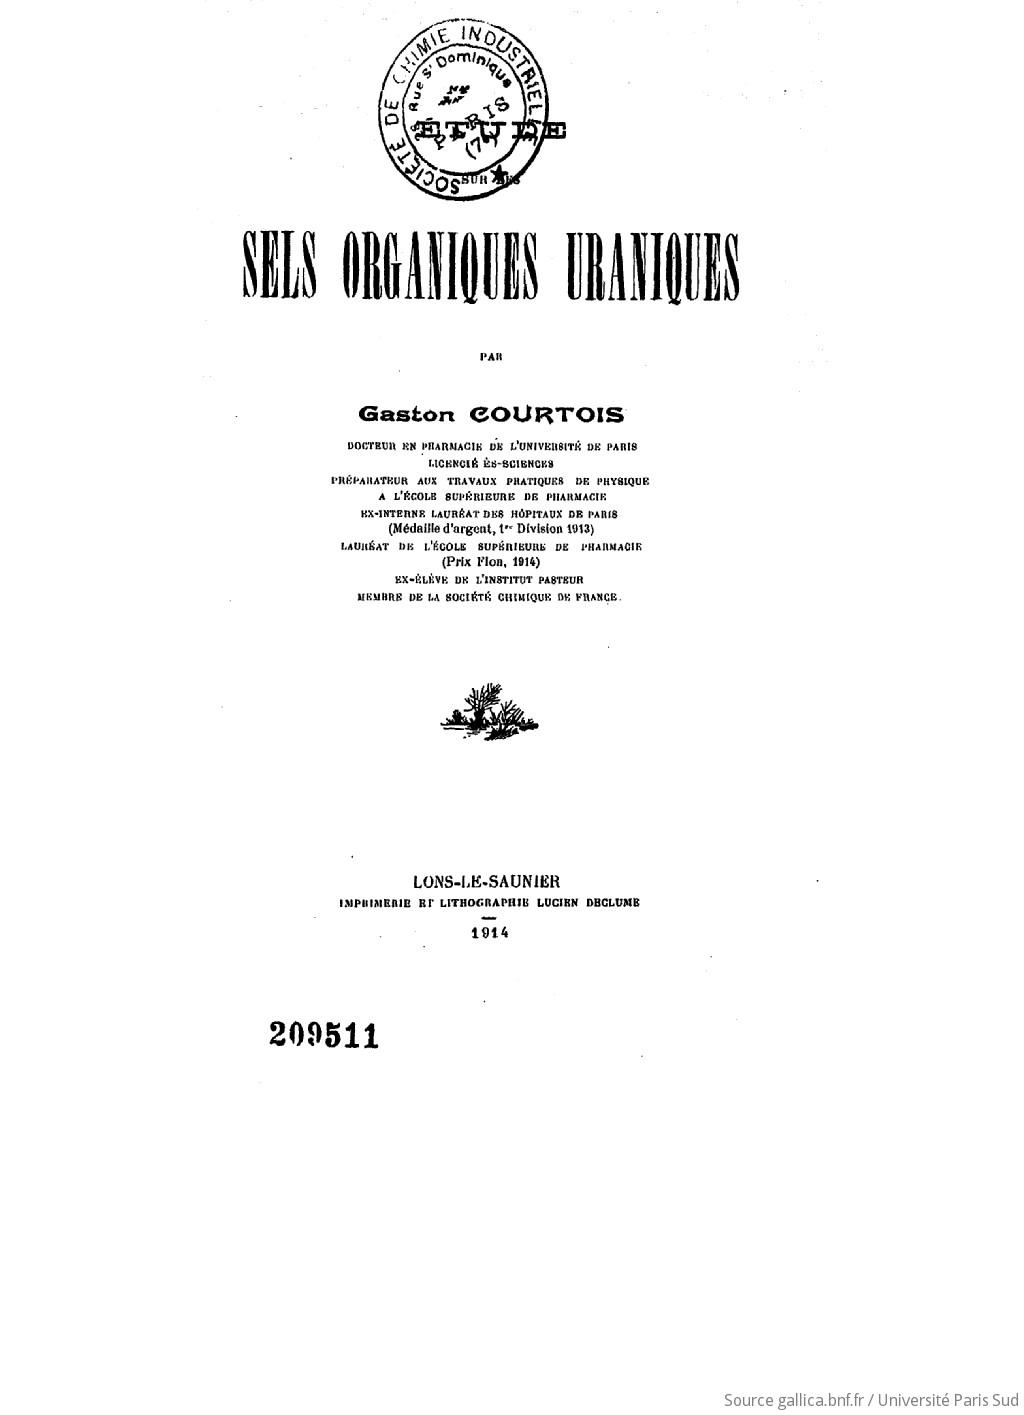 Etude sur les sels organiques uraniques